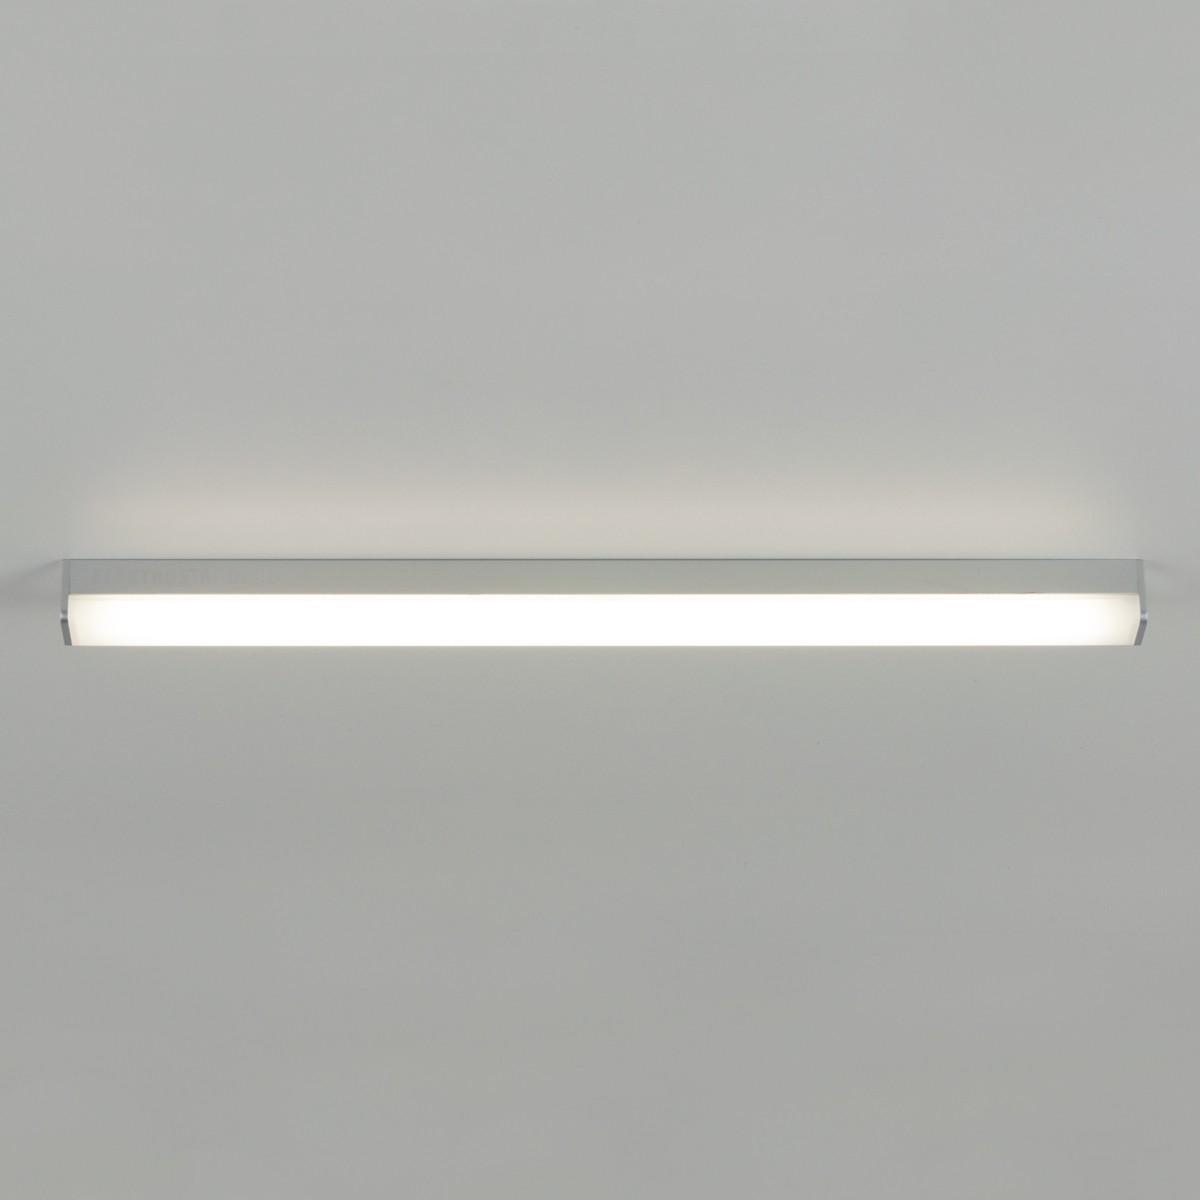 Дополнительное фото 2 товара Накладной светильник Elektrostandard Led Stick a035184